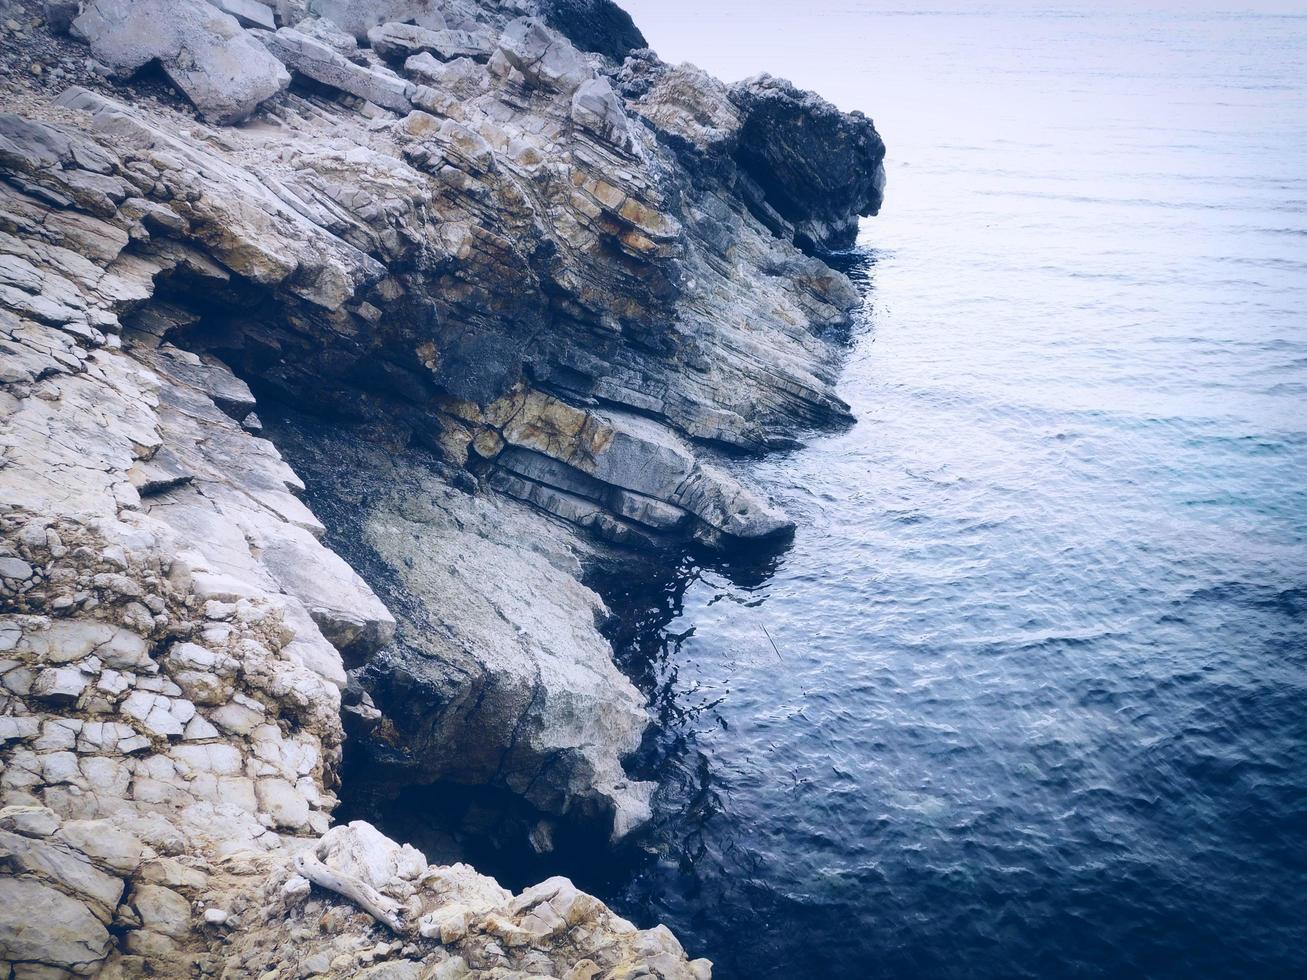 mer en plein air le jour photo